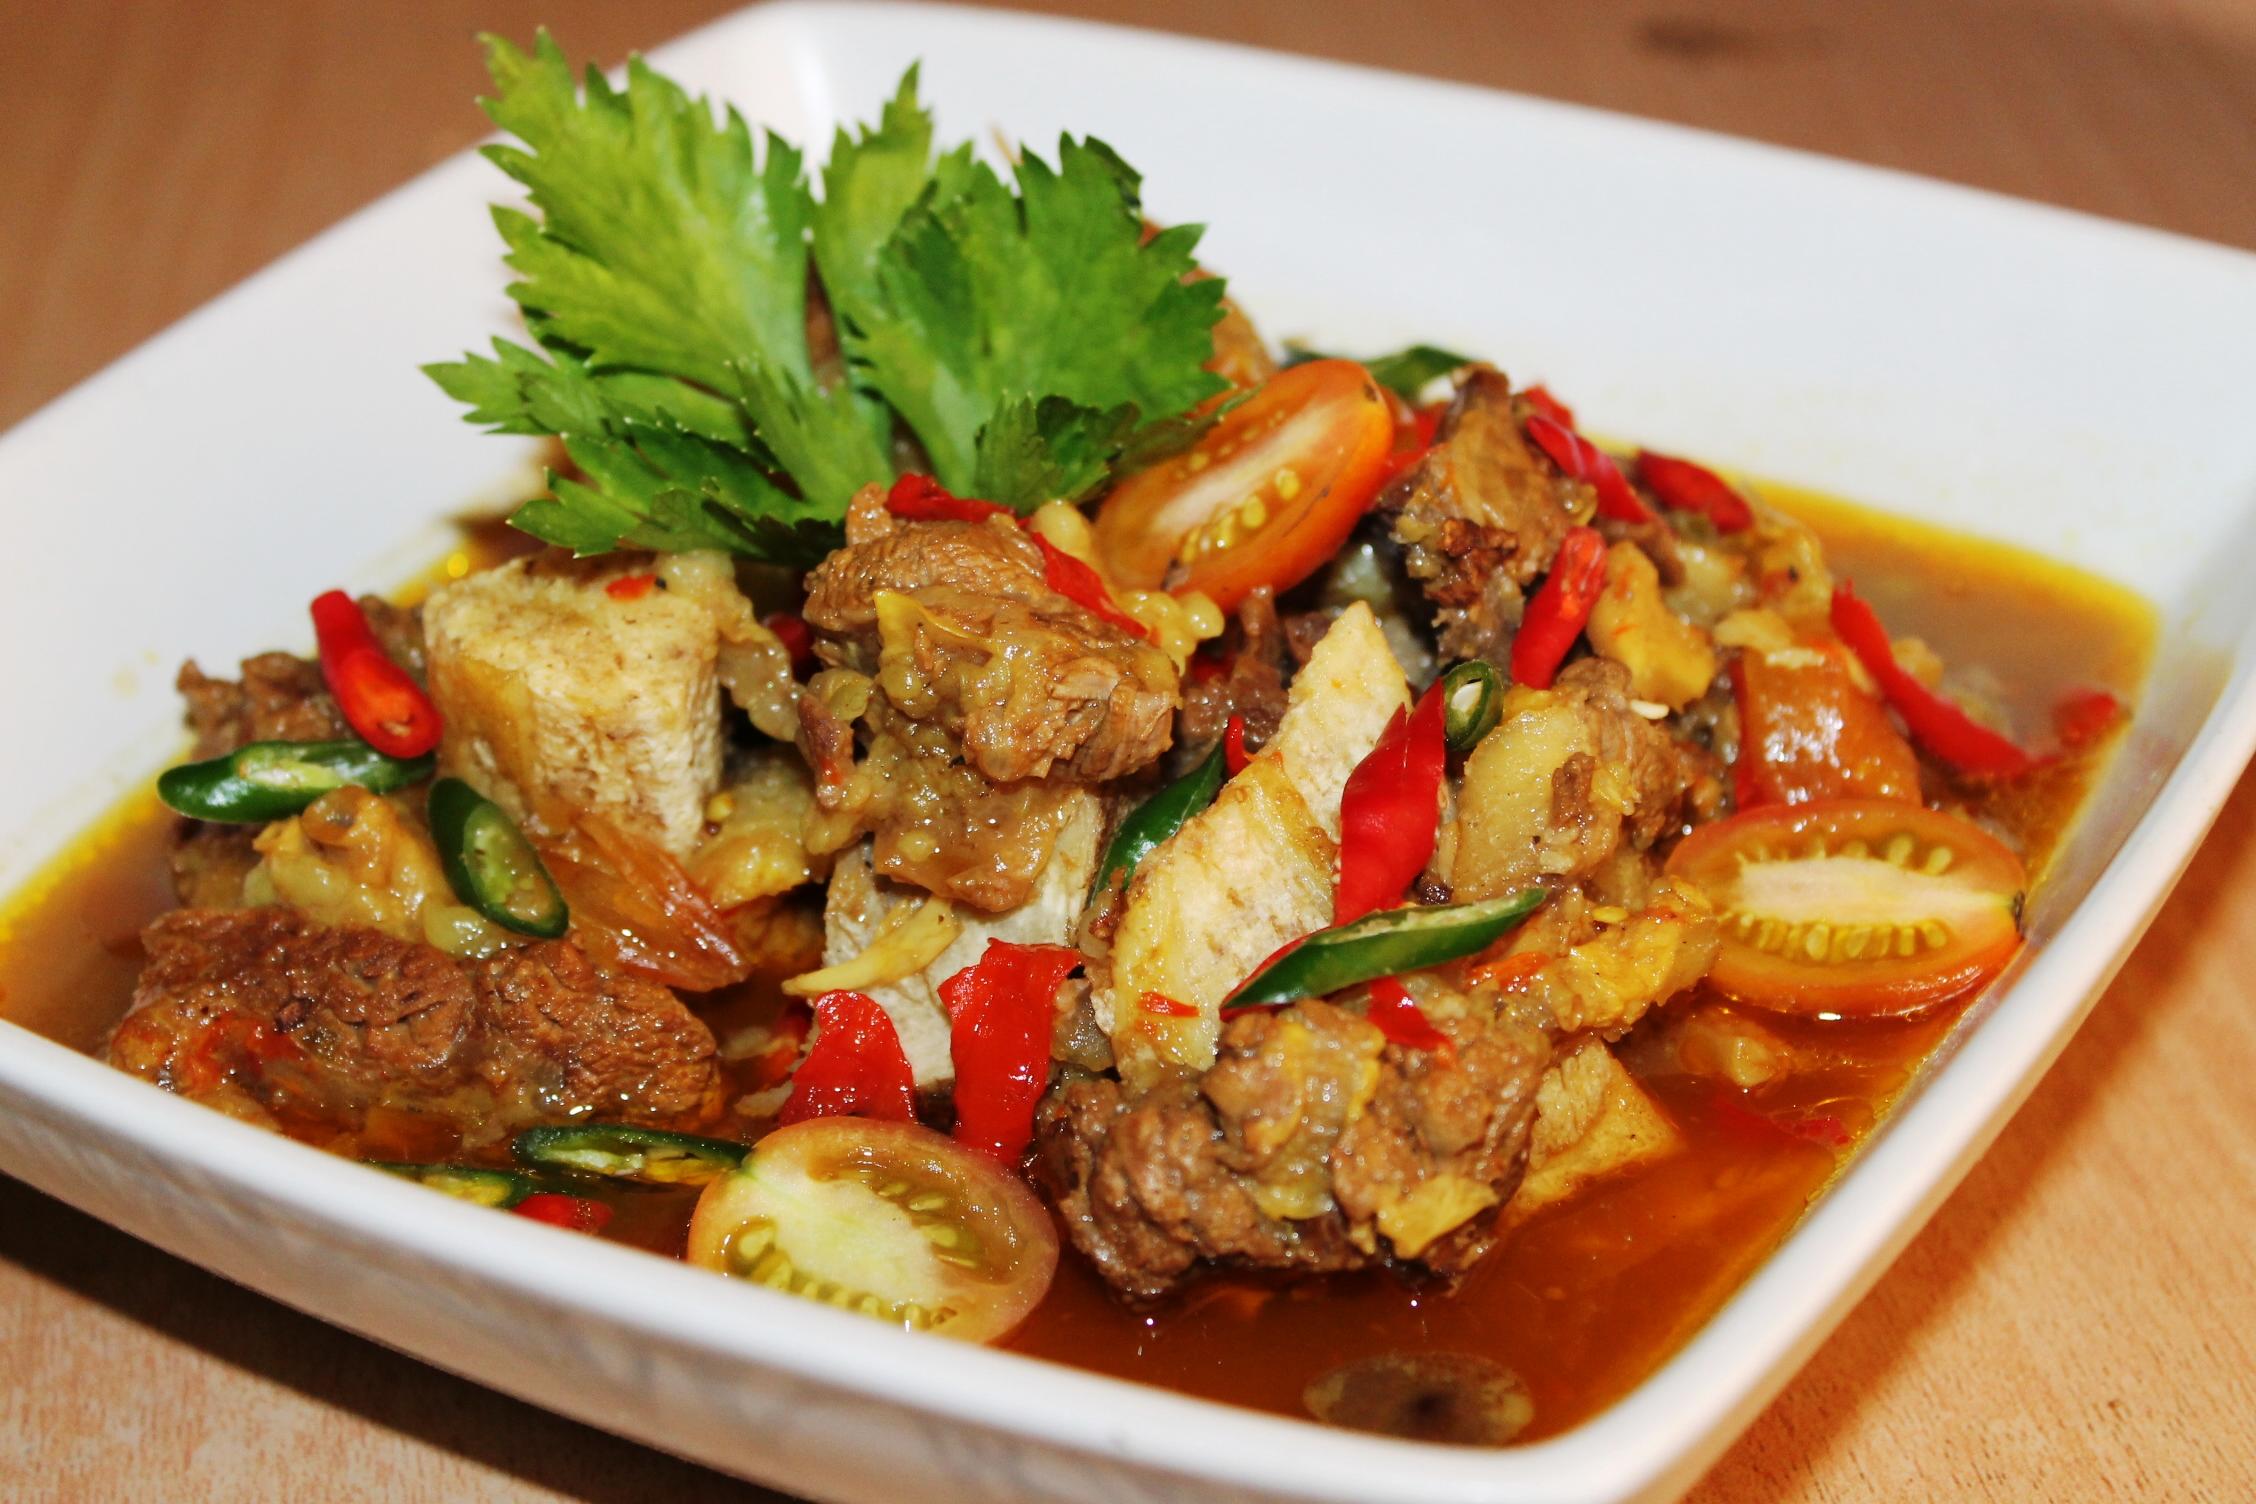 Resep Pindang Tulang Khas Palembang ala Dentist Chef